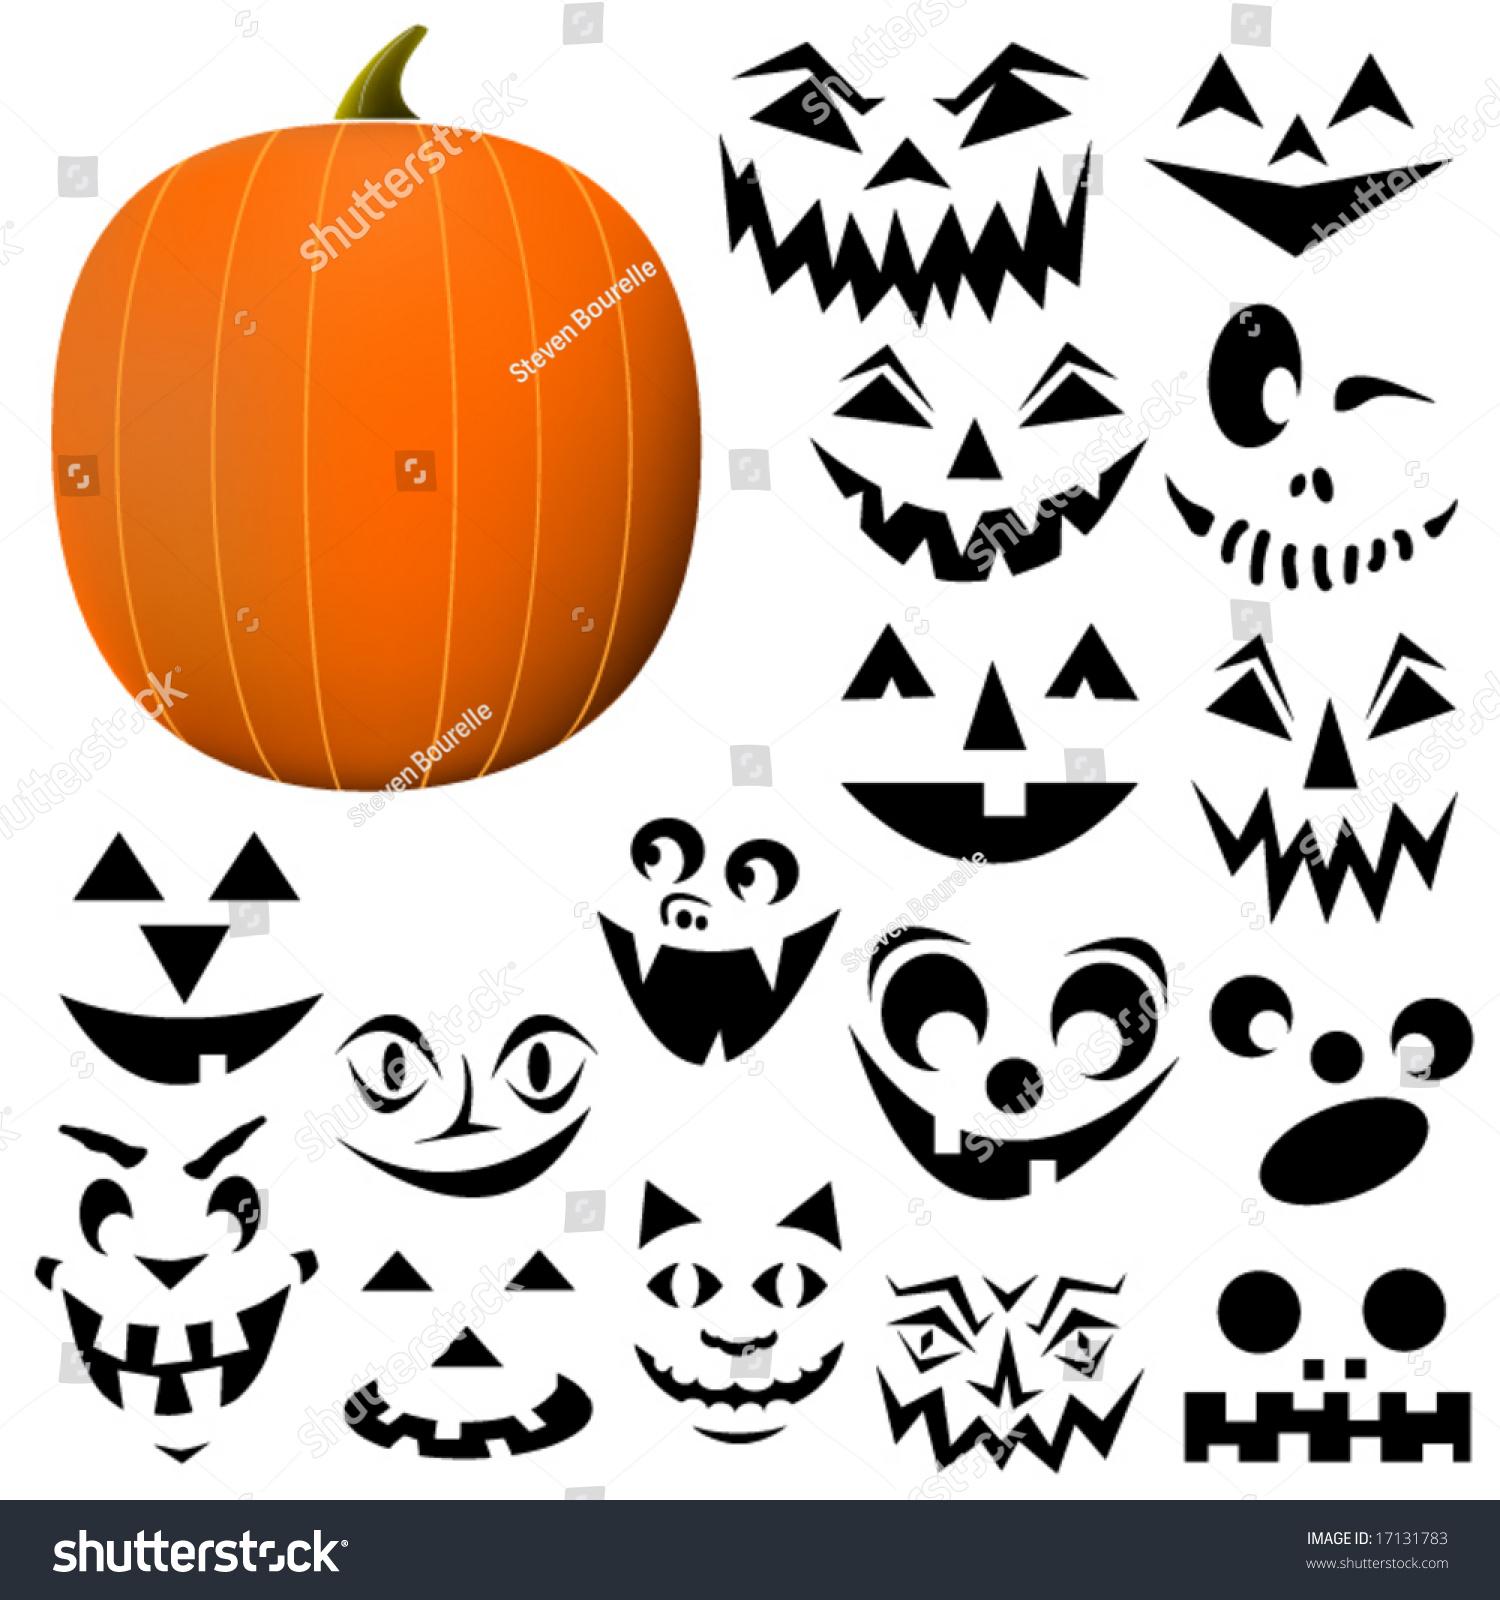 Build Your Own Jackolantern Pumpkin Face Stock Vector